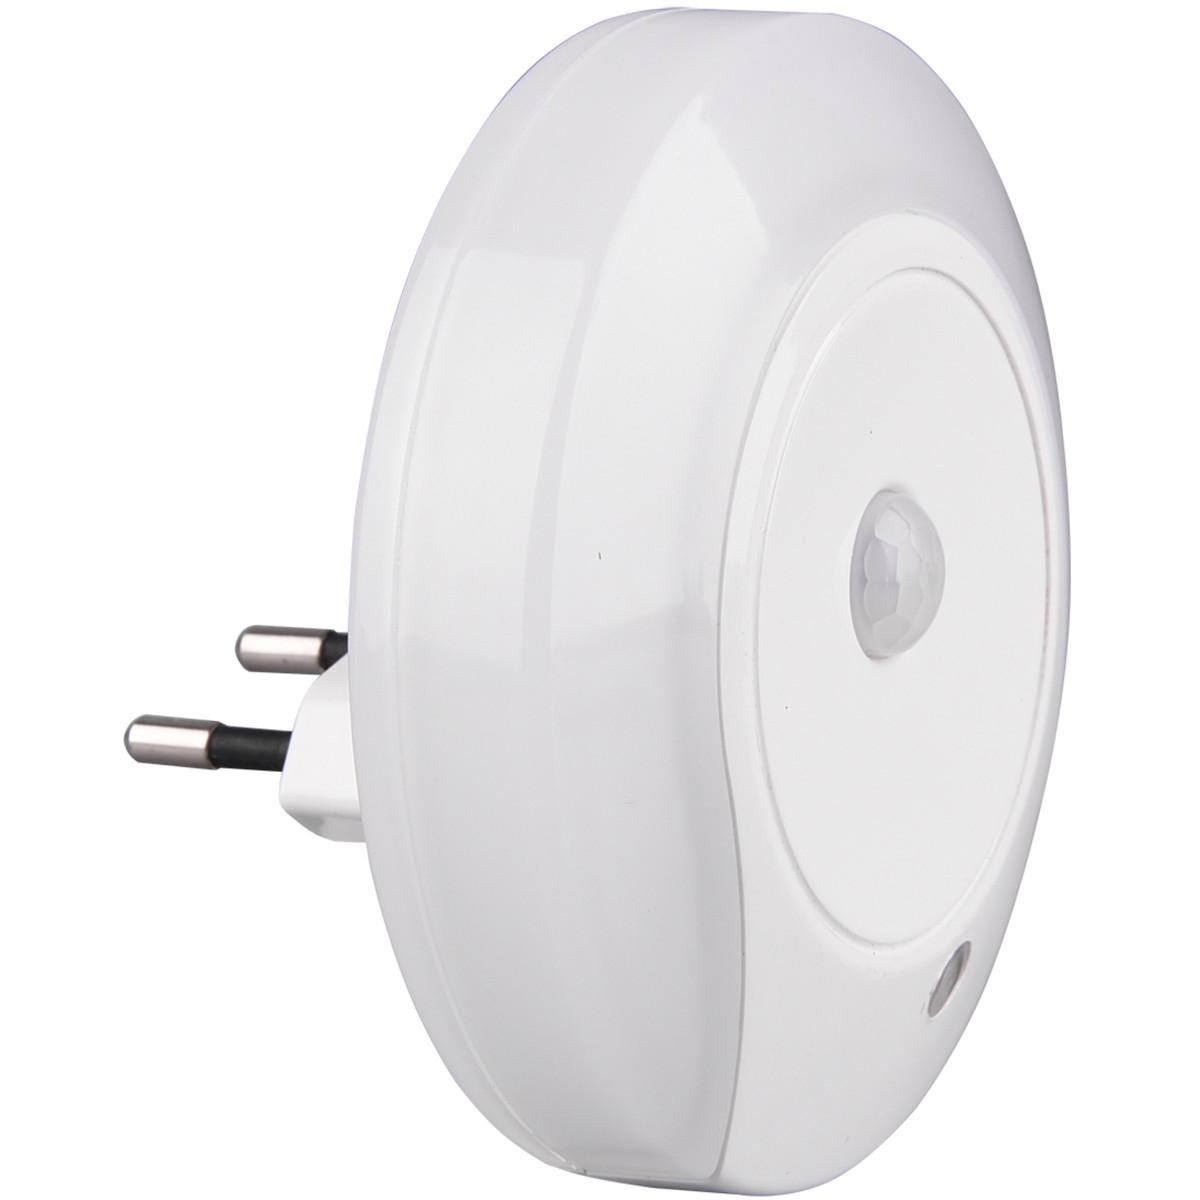 Stekkerlamp Lamp - Stekkerspot met Bewegingssensor Incl. Schakelaar - Trion Mirloni - 0.6W - Warm Wi